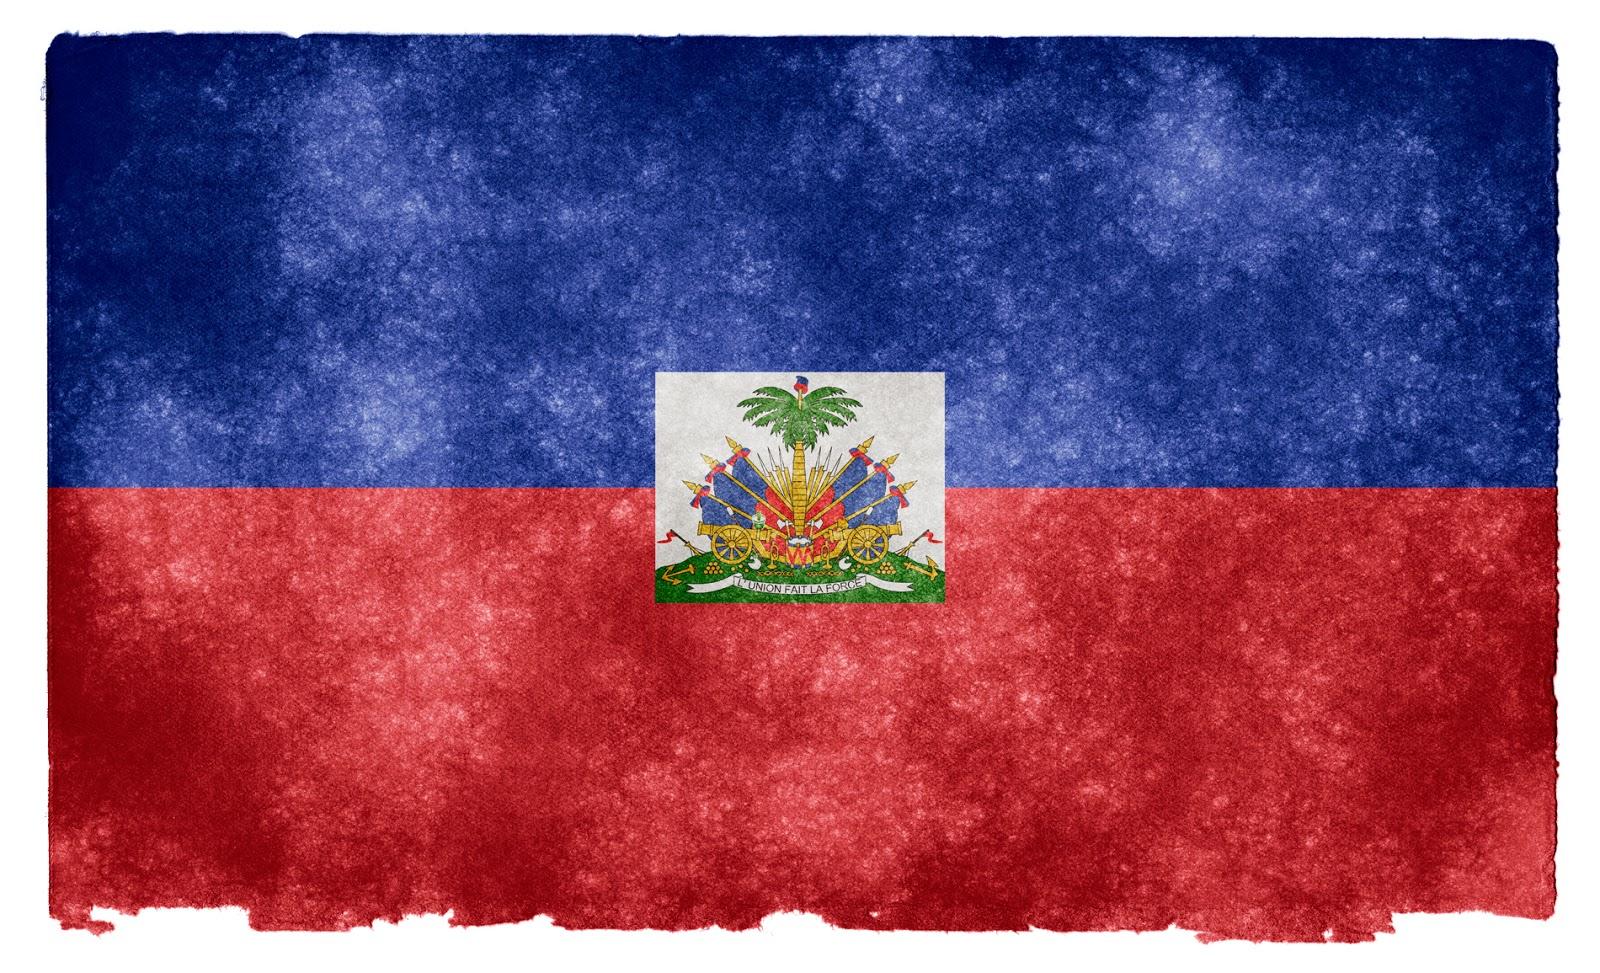 Haiti Flag Of Haitian